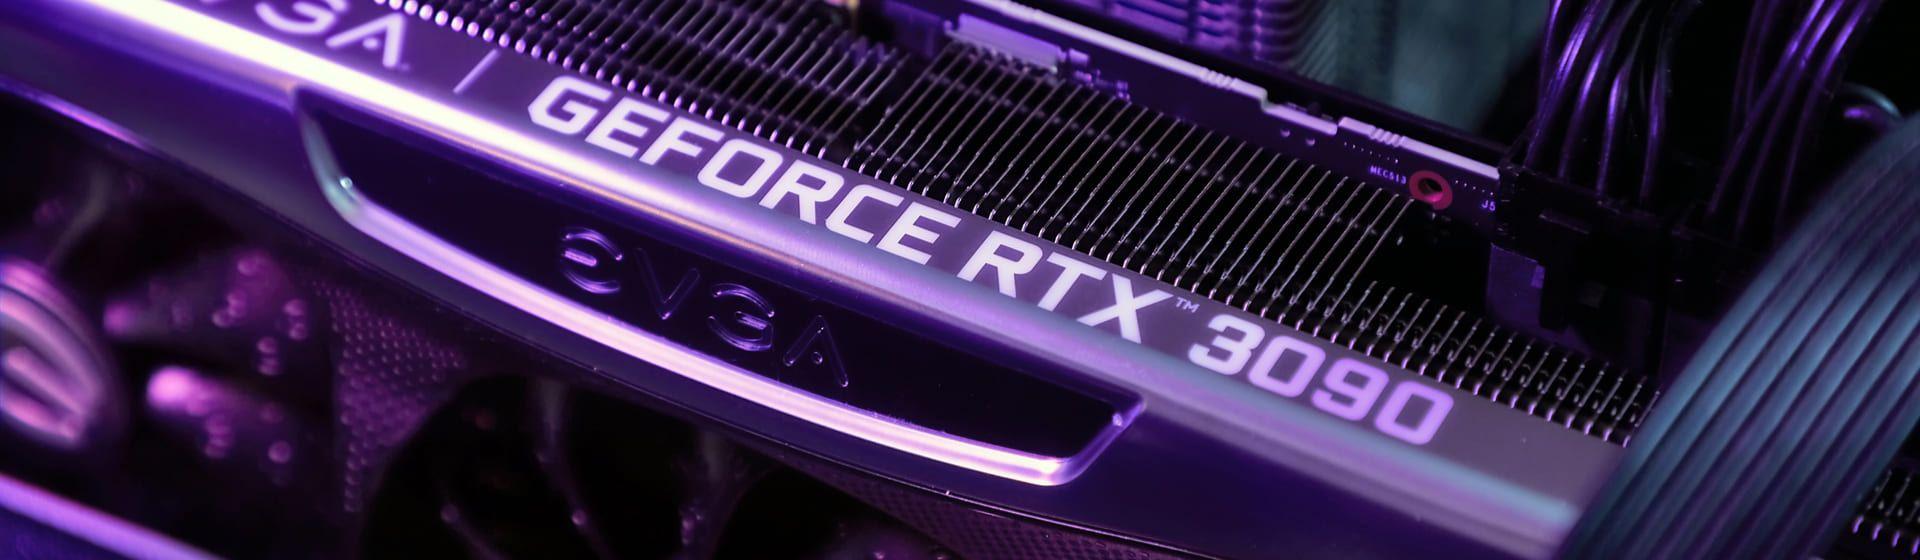 GeForce RTX 3090: preço, ficha técnica e análise da placa premium